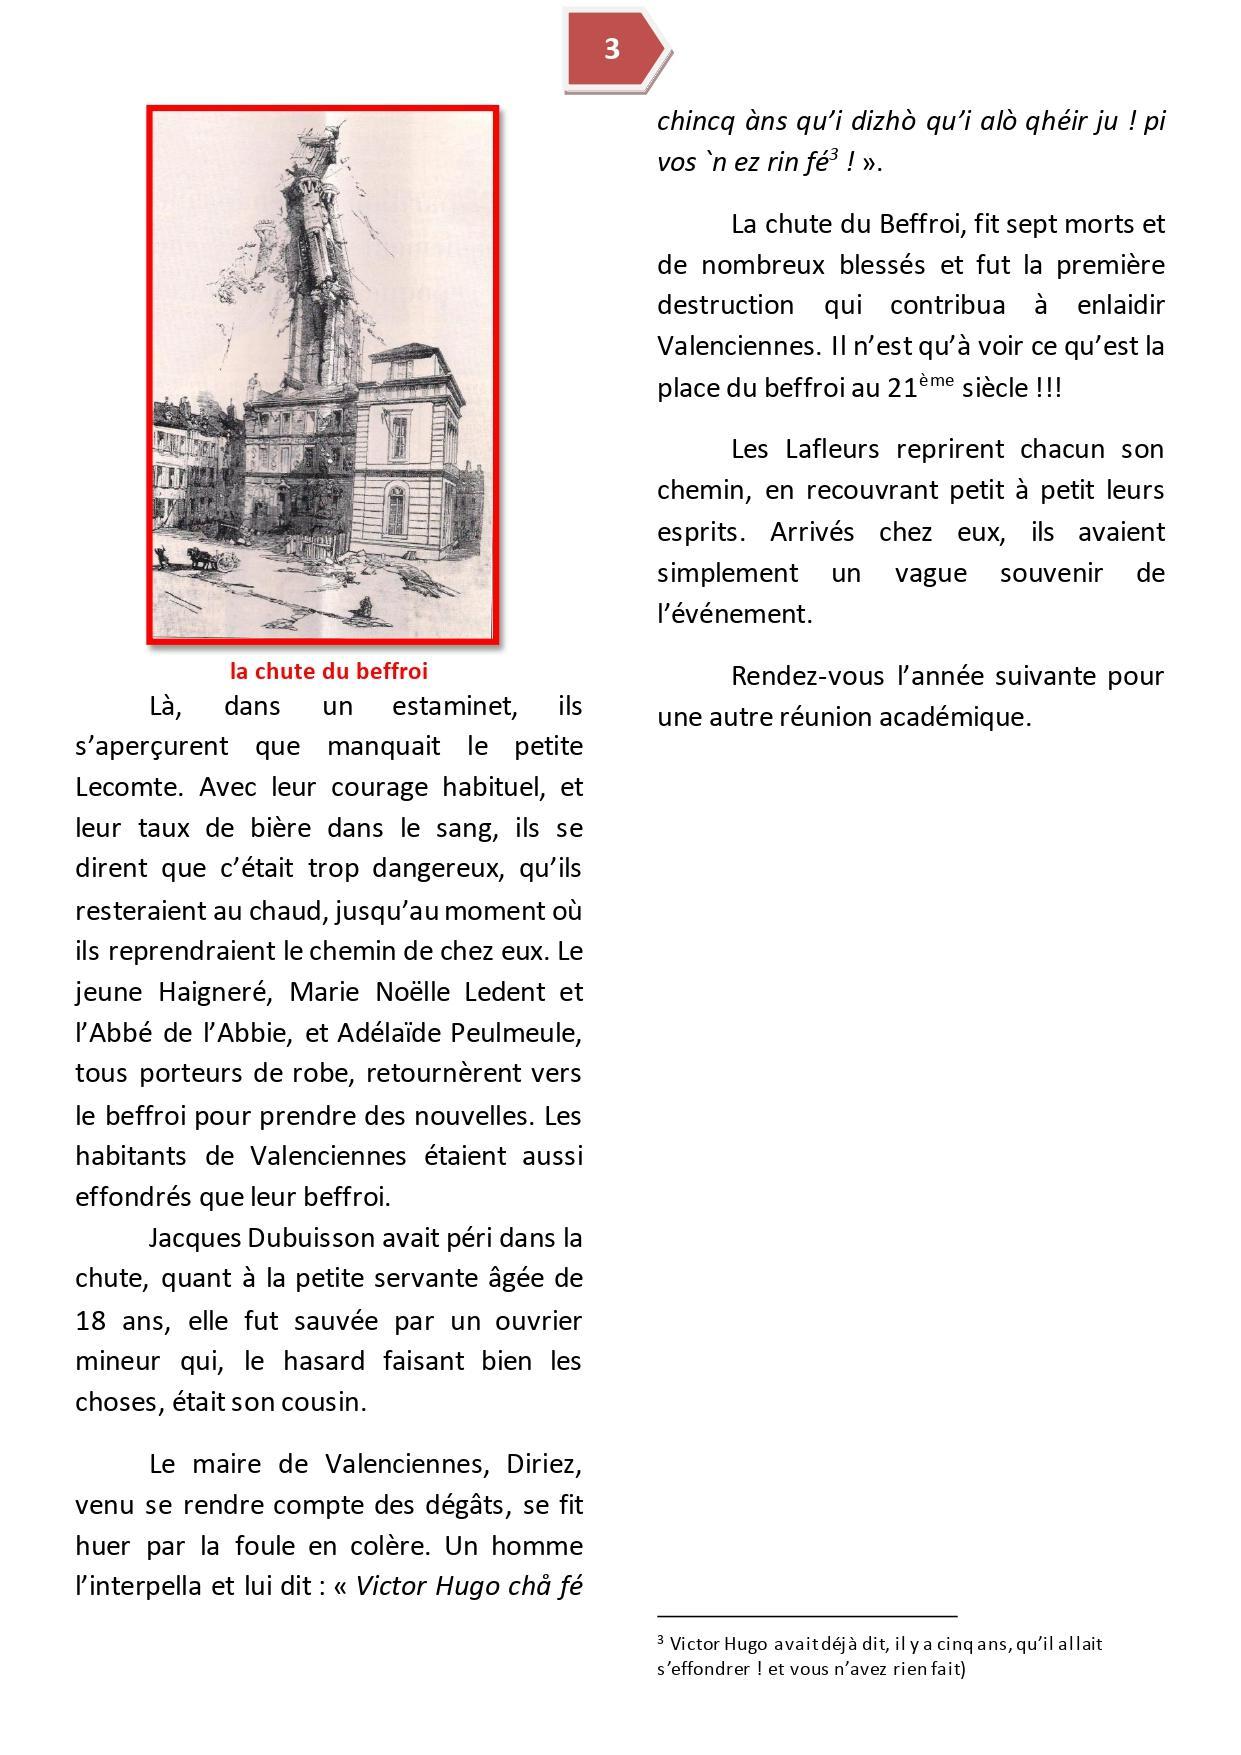 Academie 1843 reunion de valenciennes pages to jpg 0003